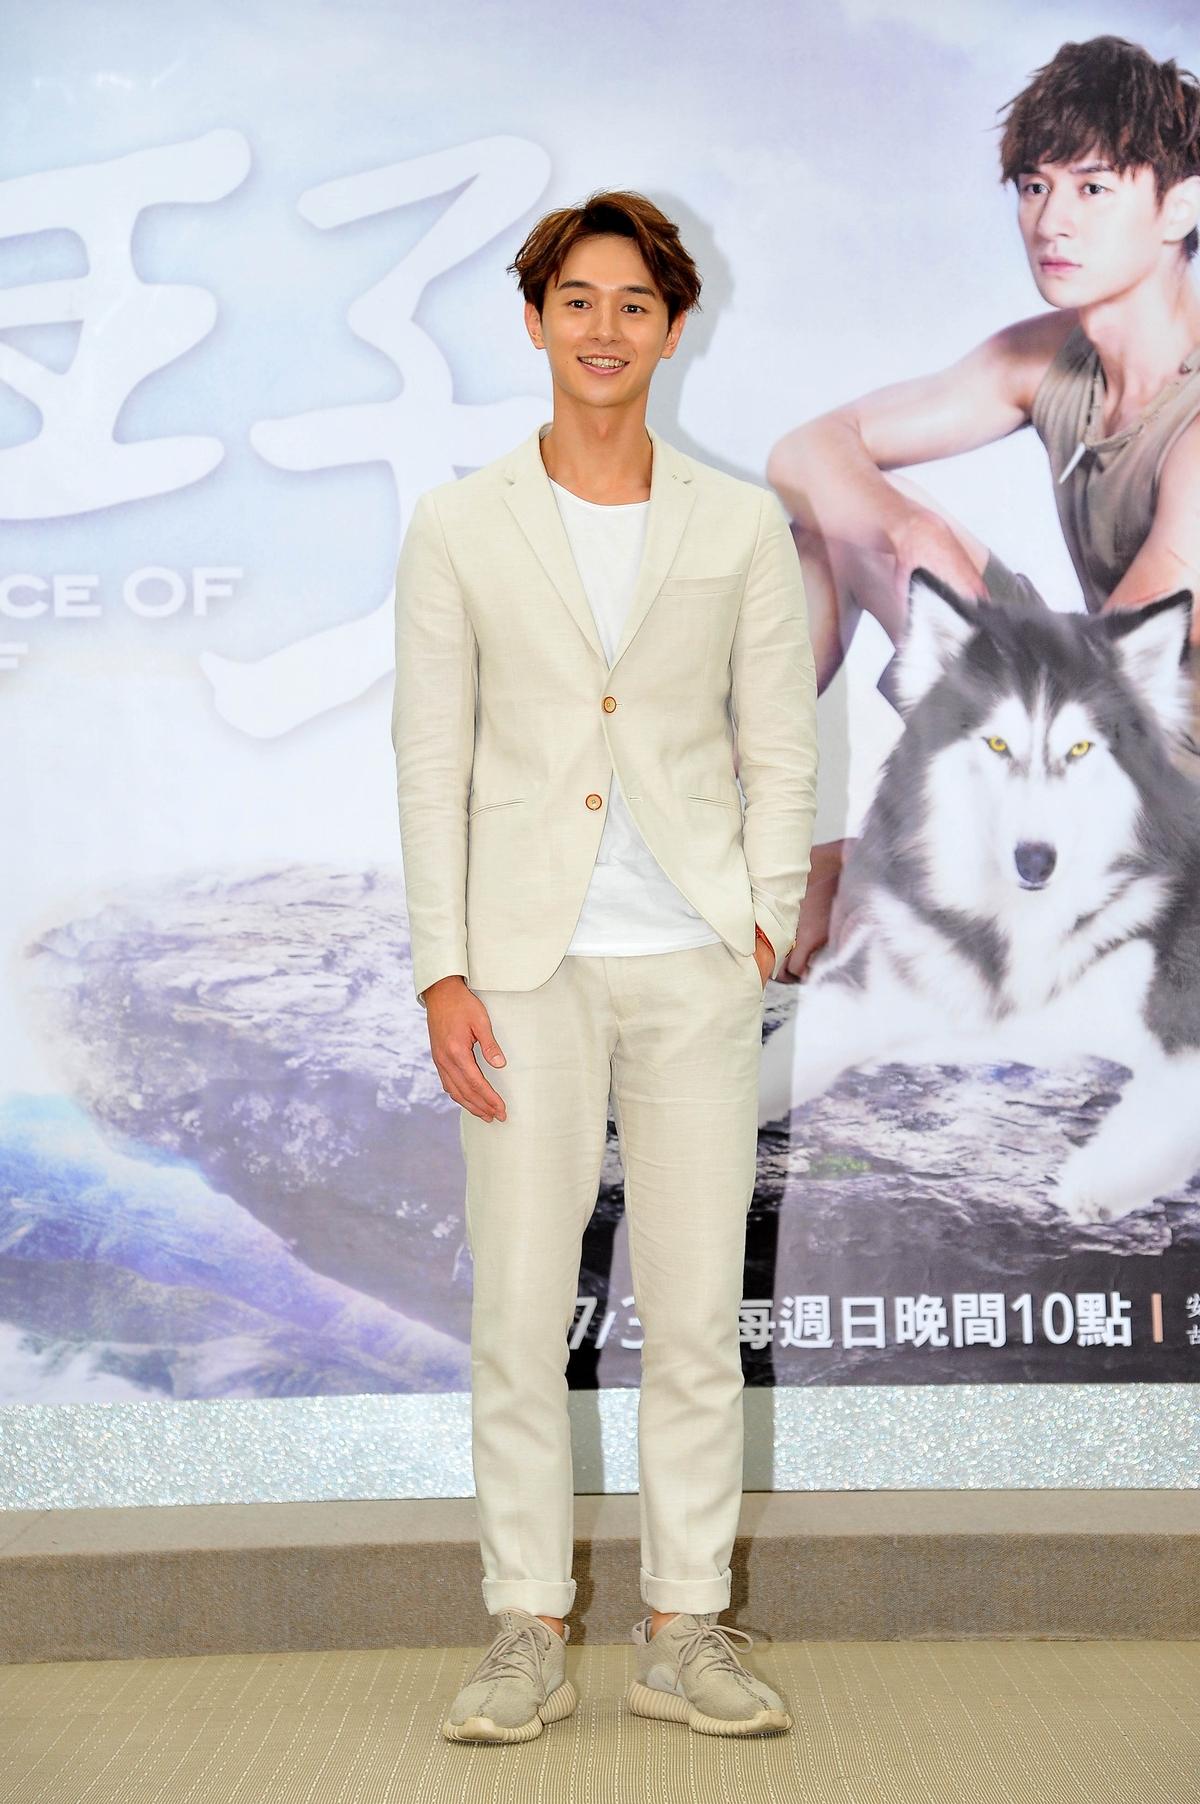 24歲小鮮肉張軒瑞挑大樑在《狼王子》擔任男主角